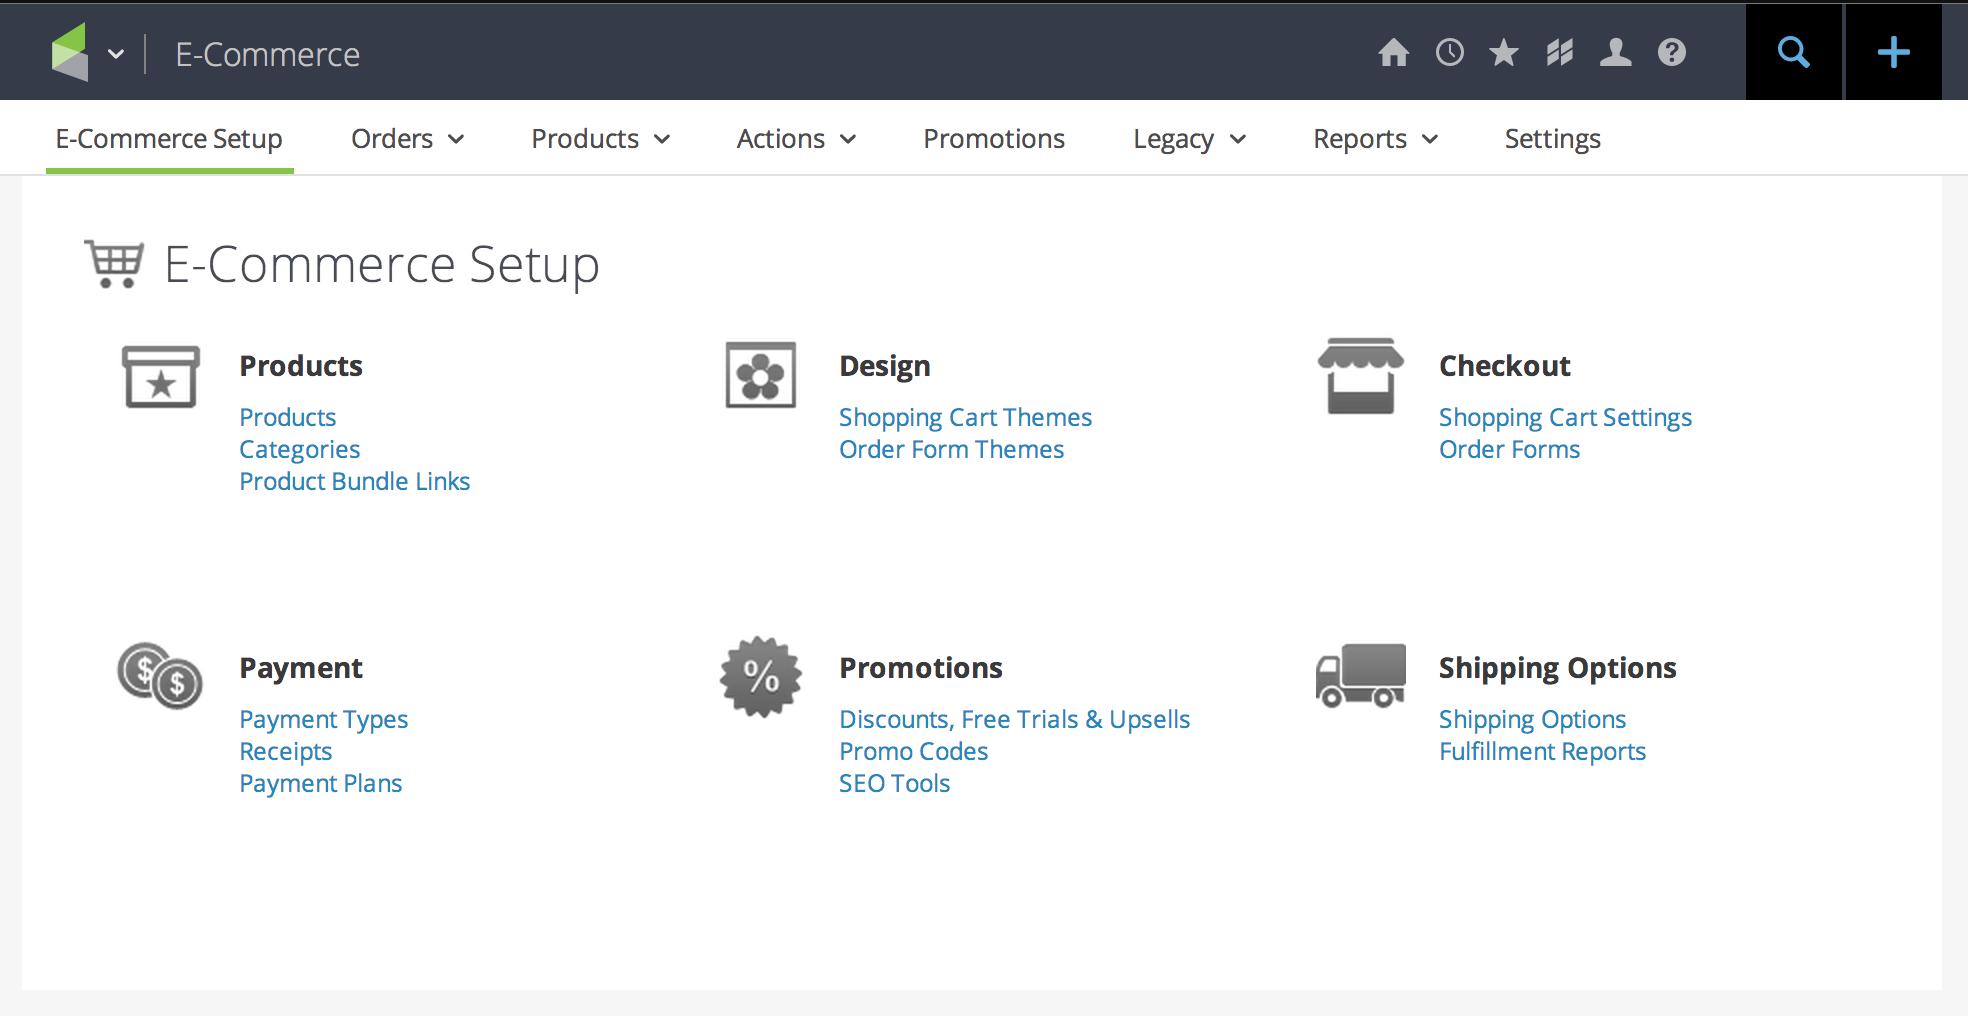 Keap screenshot: Infusionsoft E-Commerce tools